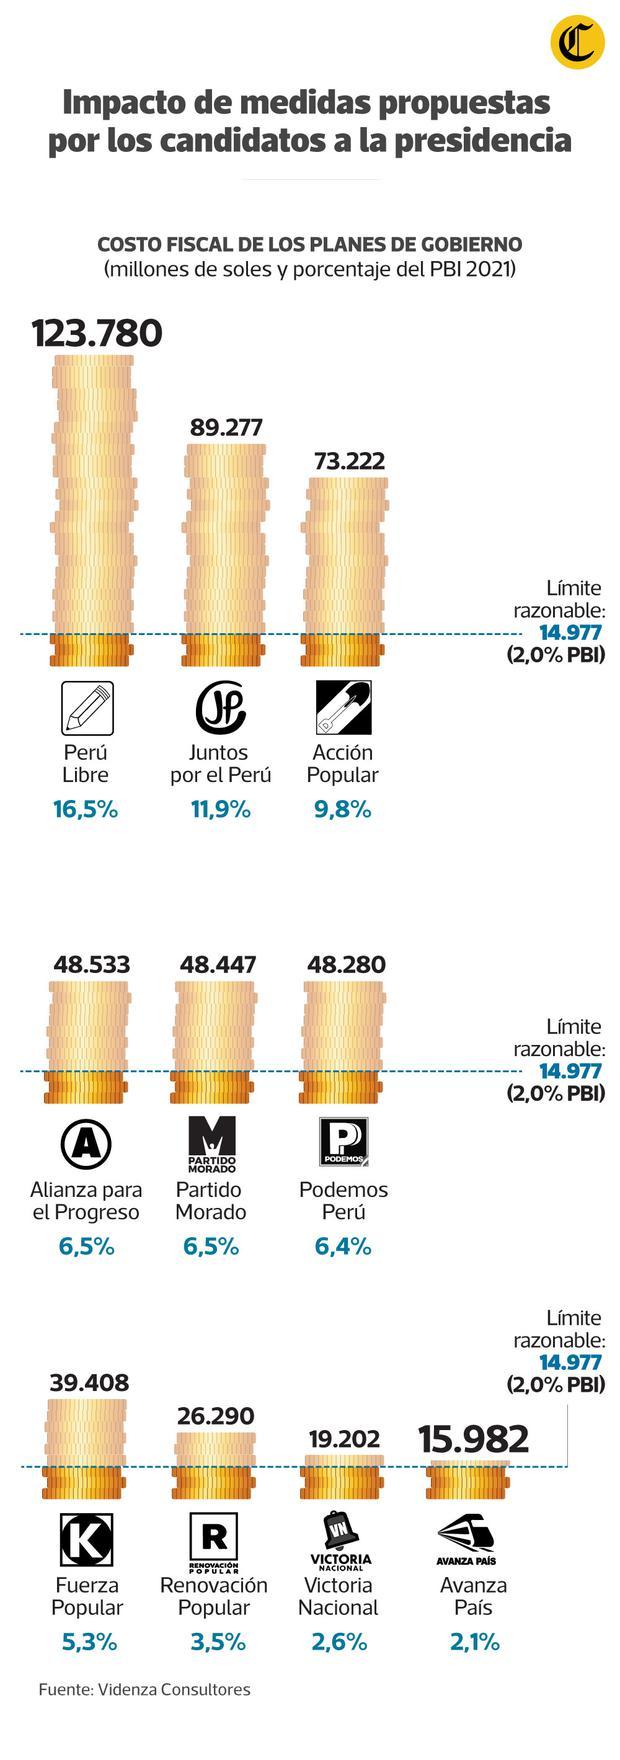 Impacto de las medidas propuestas. (Infografía: Jean Izquierdo)